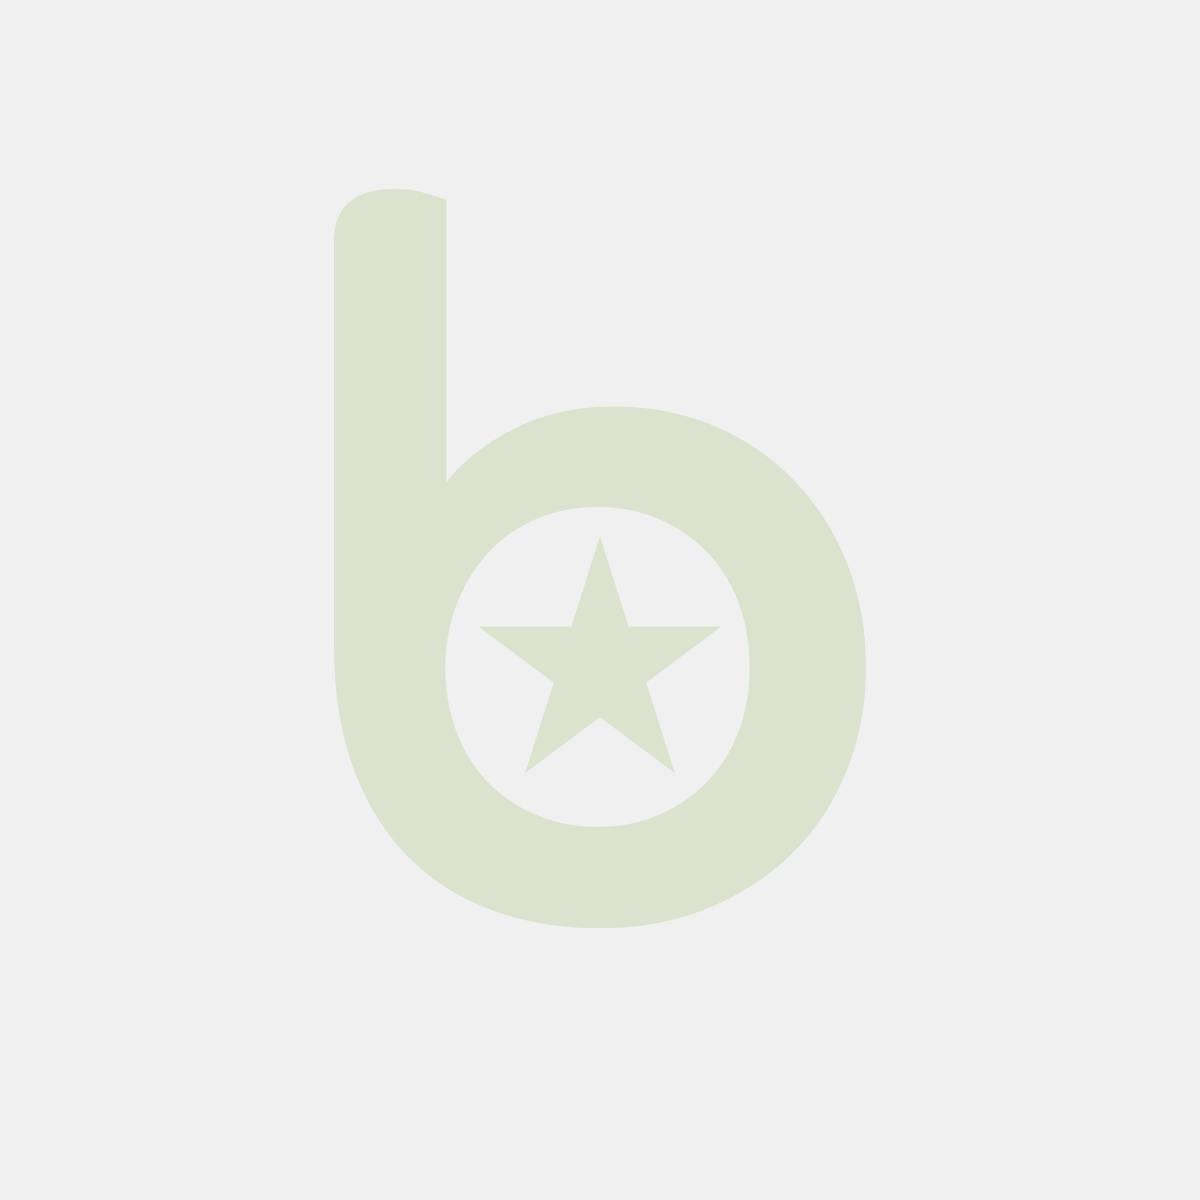 Piec Piekarnicze Konwekcyjne Z Nawilżaniem – 4X 600X400 Mm Sterowany Elektronicznie Z Autorewersem